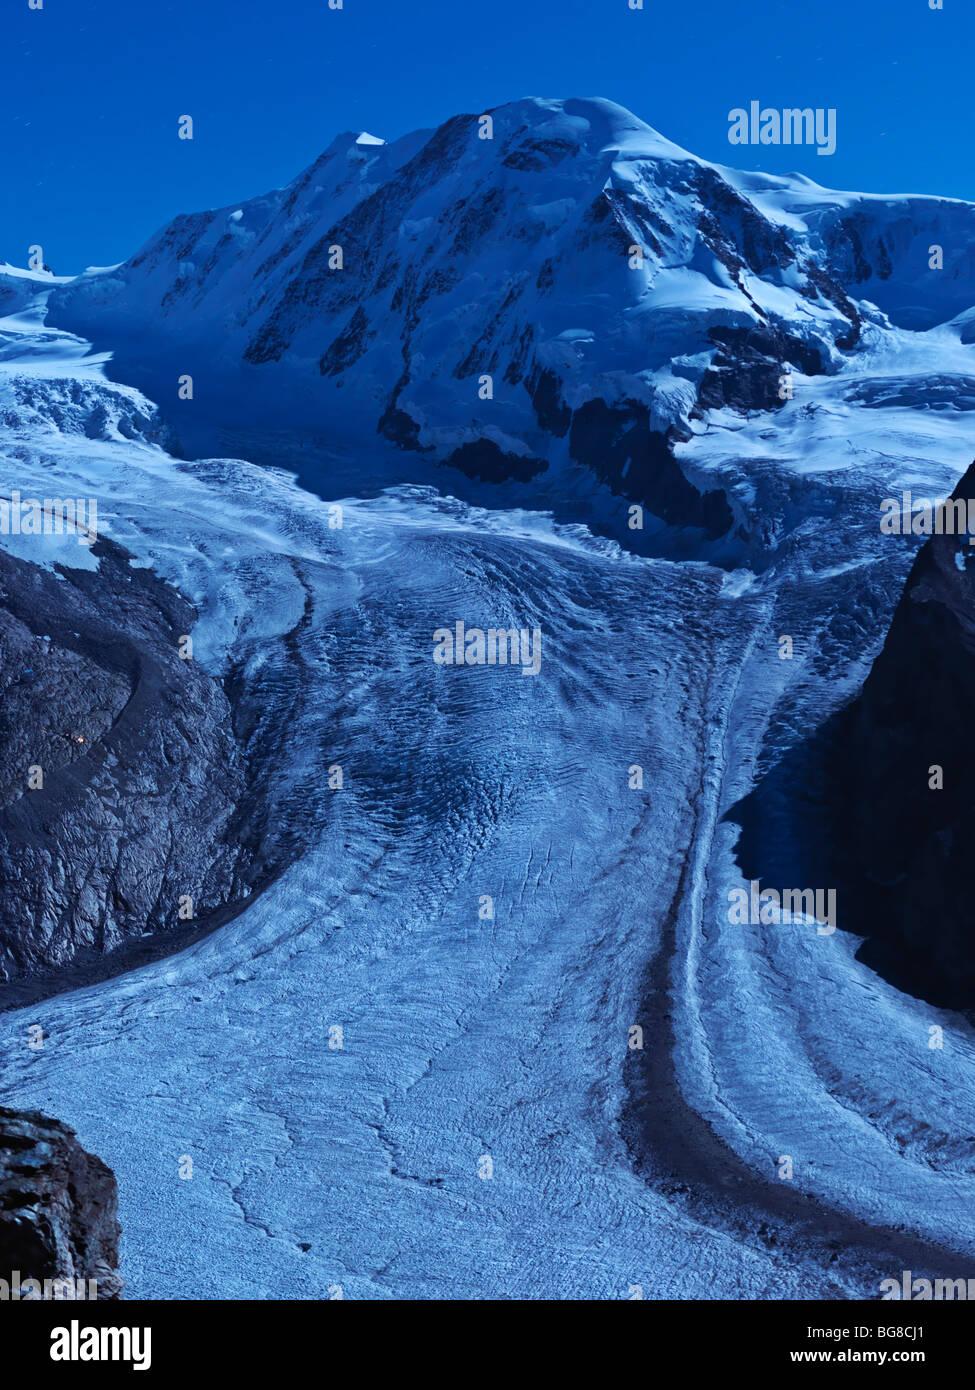 Schweiz, Wallis, Zermatt, Gornergrat, Mount Breithorn und der Gornergletscher von Mondlicht erhellt Stockbild